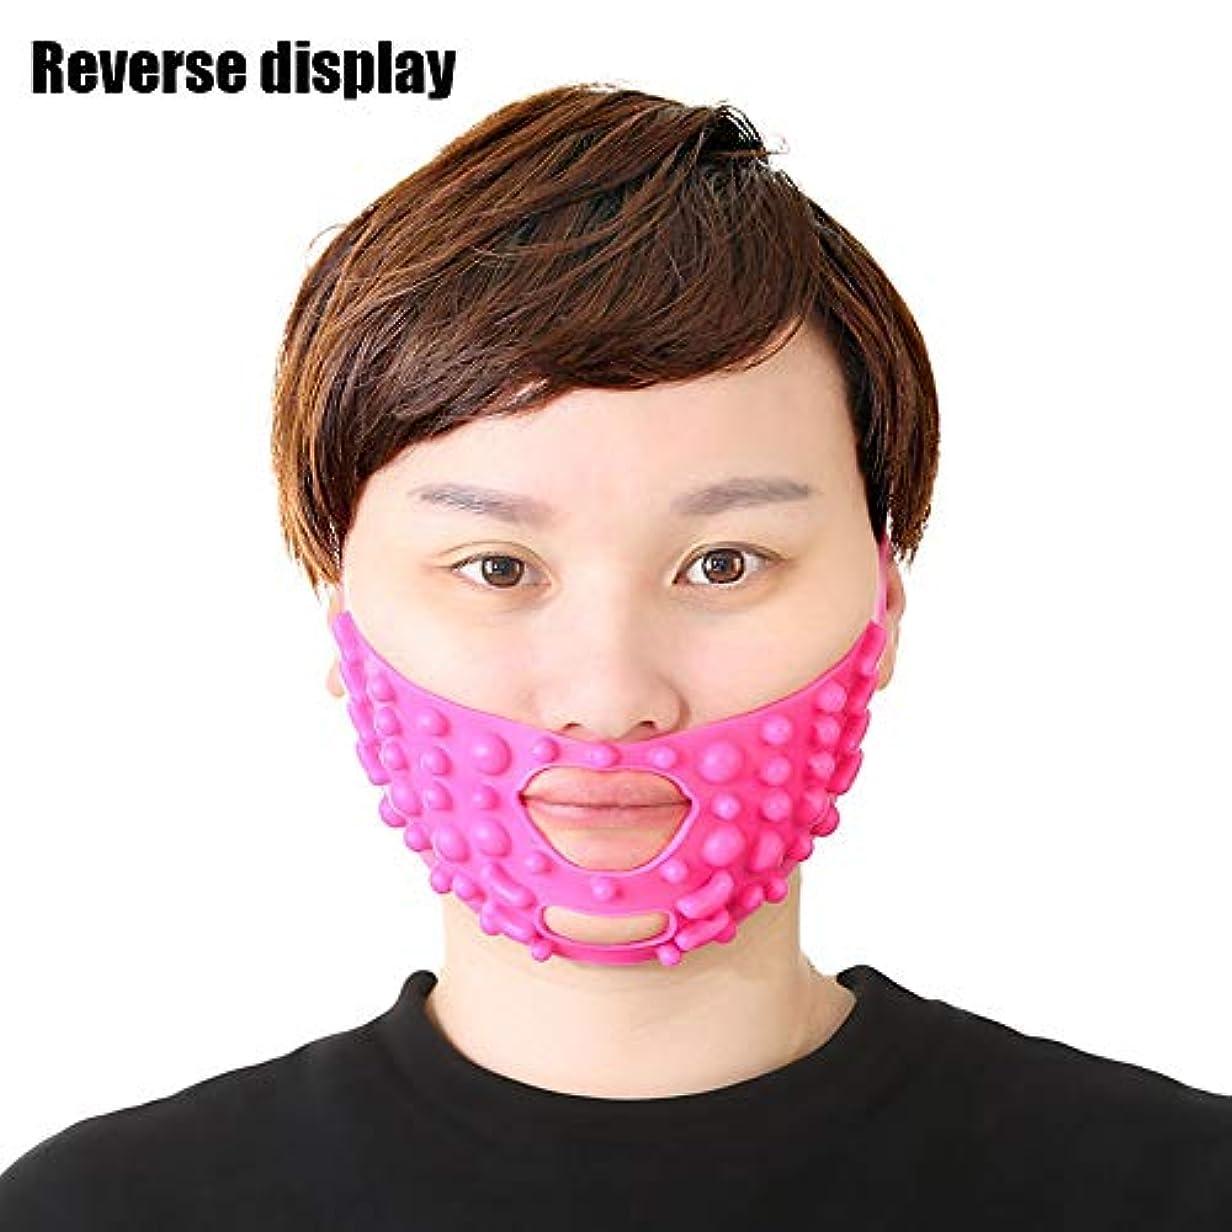 可能性等しい大学院フェイシャルマッサージ包帯、持ち上げ、引き締め、法則パターンを改善して小さなVフェイス/二重あごマスクを作成(ローズレッド)